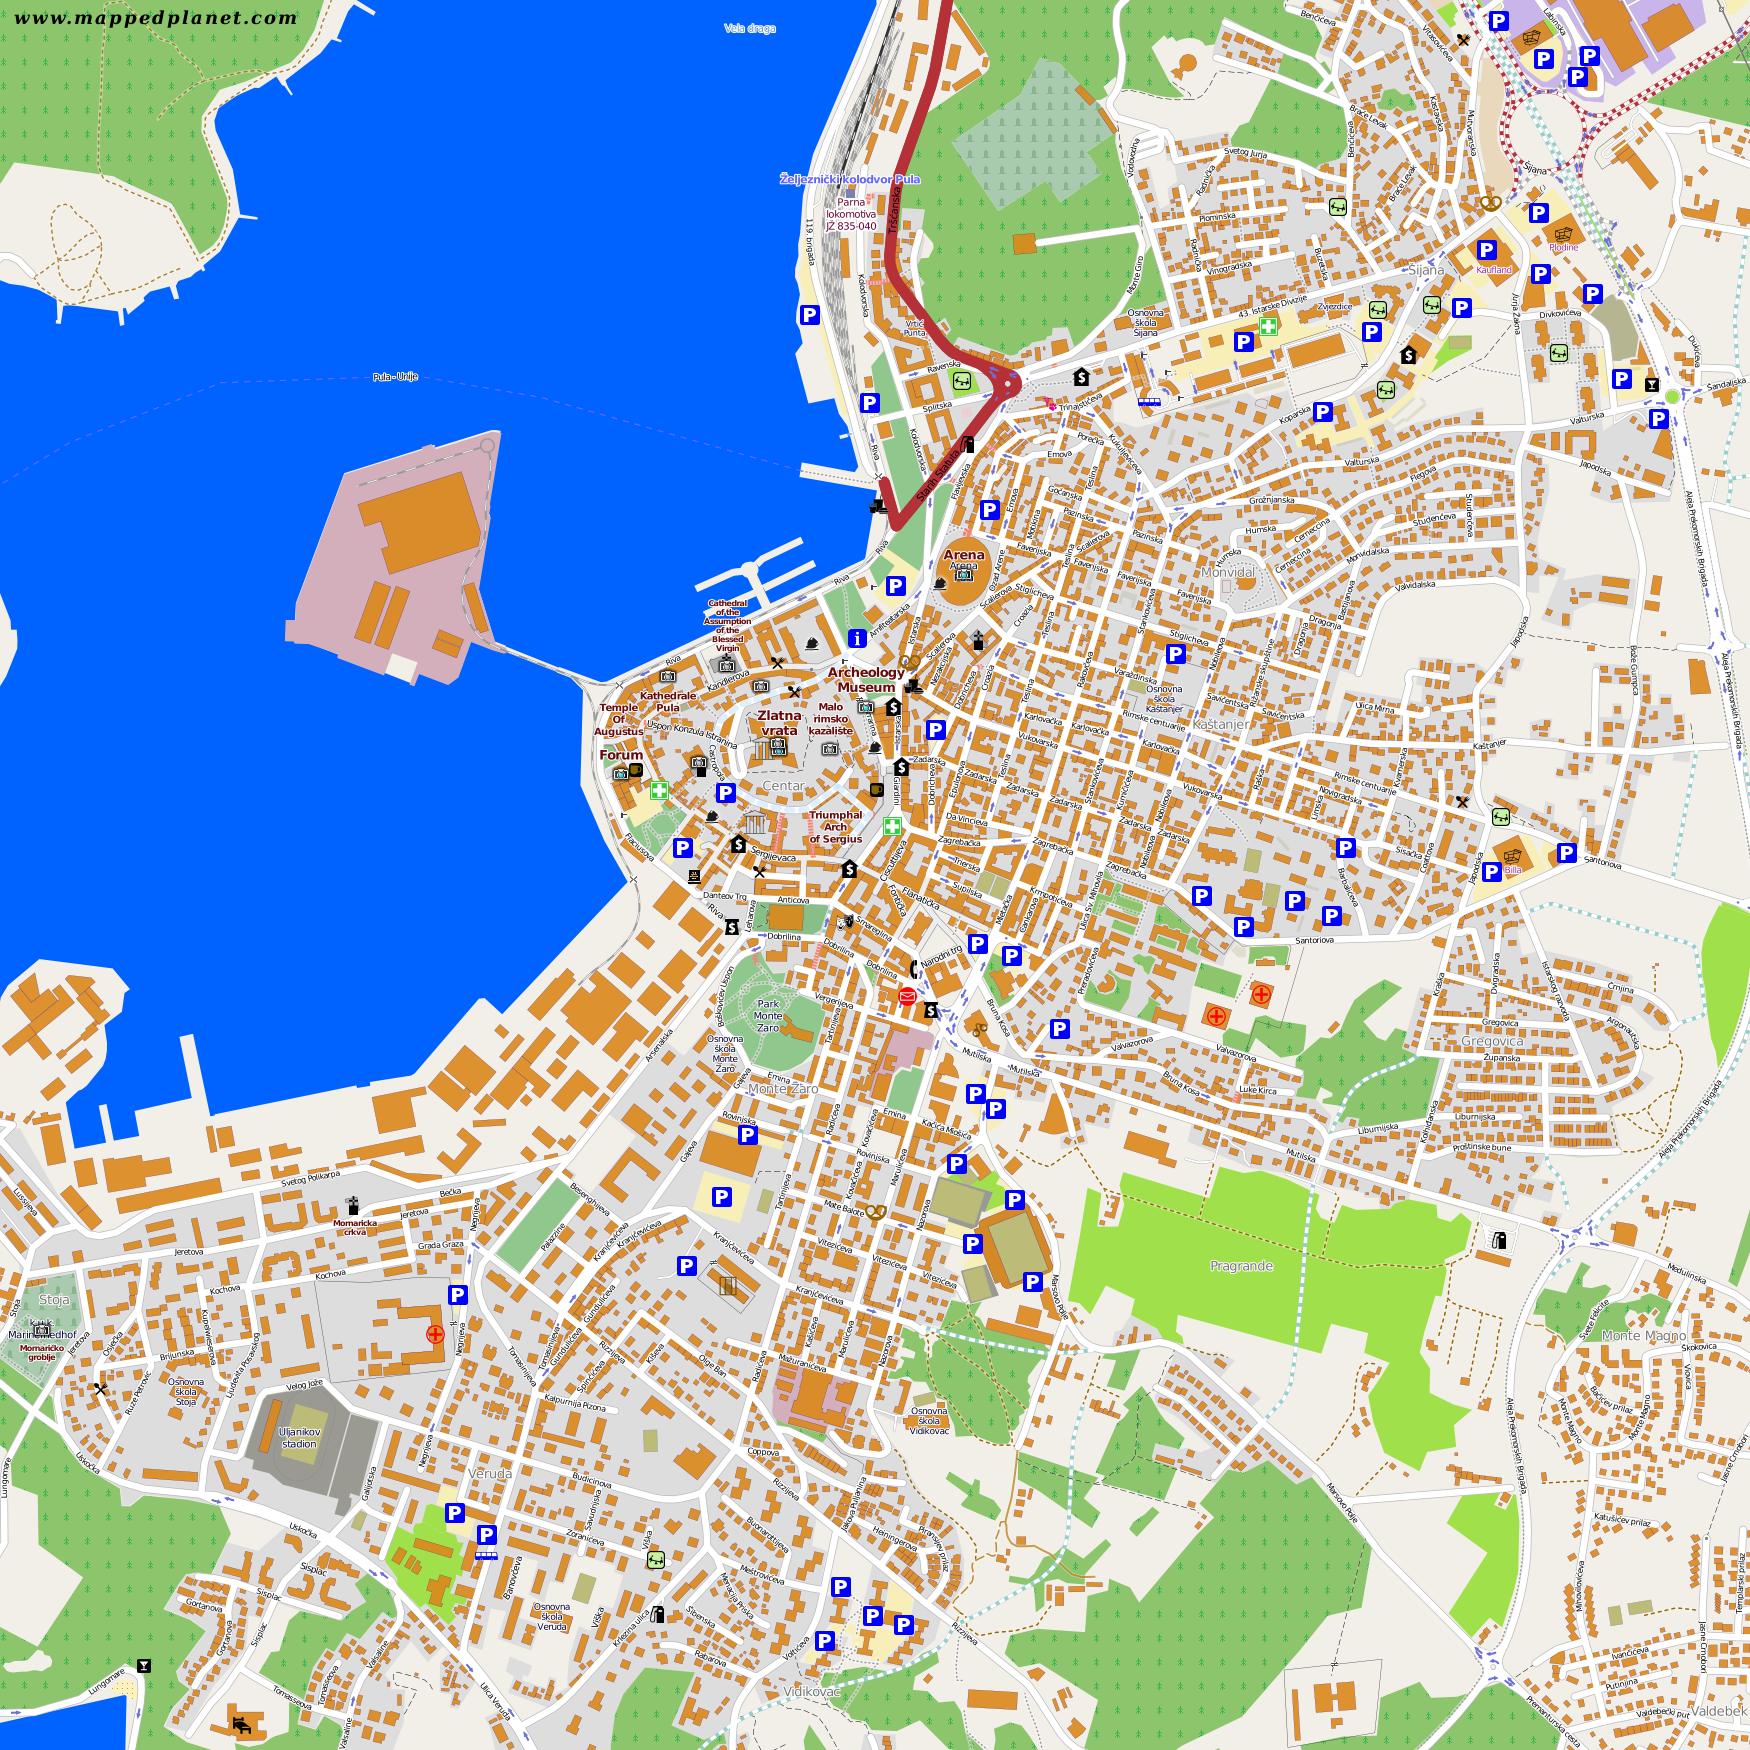 Karte Kroatien Pula.Karten Und Stadtpläne Pula